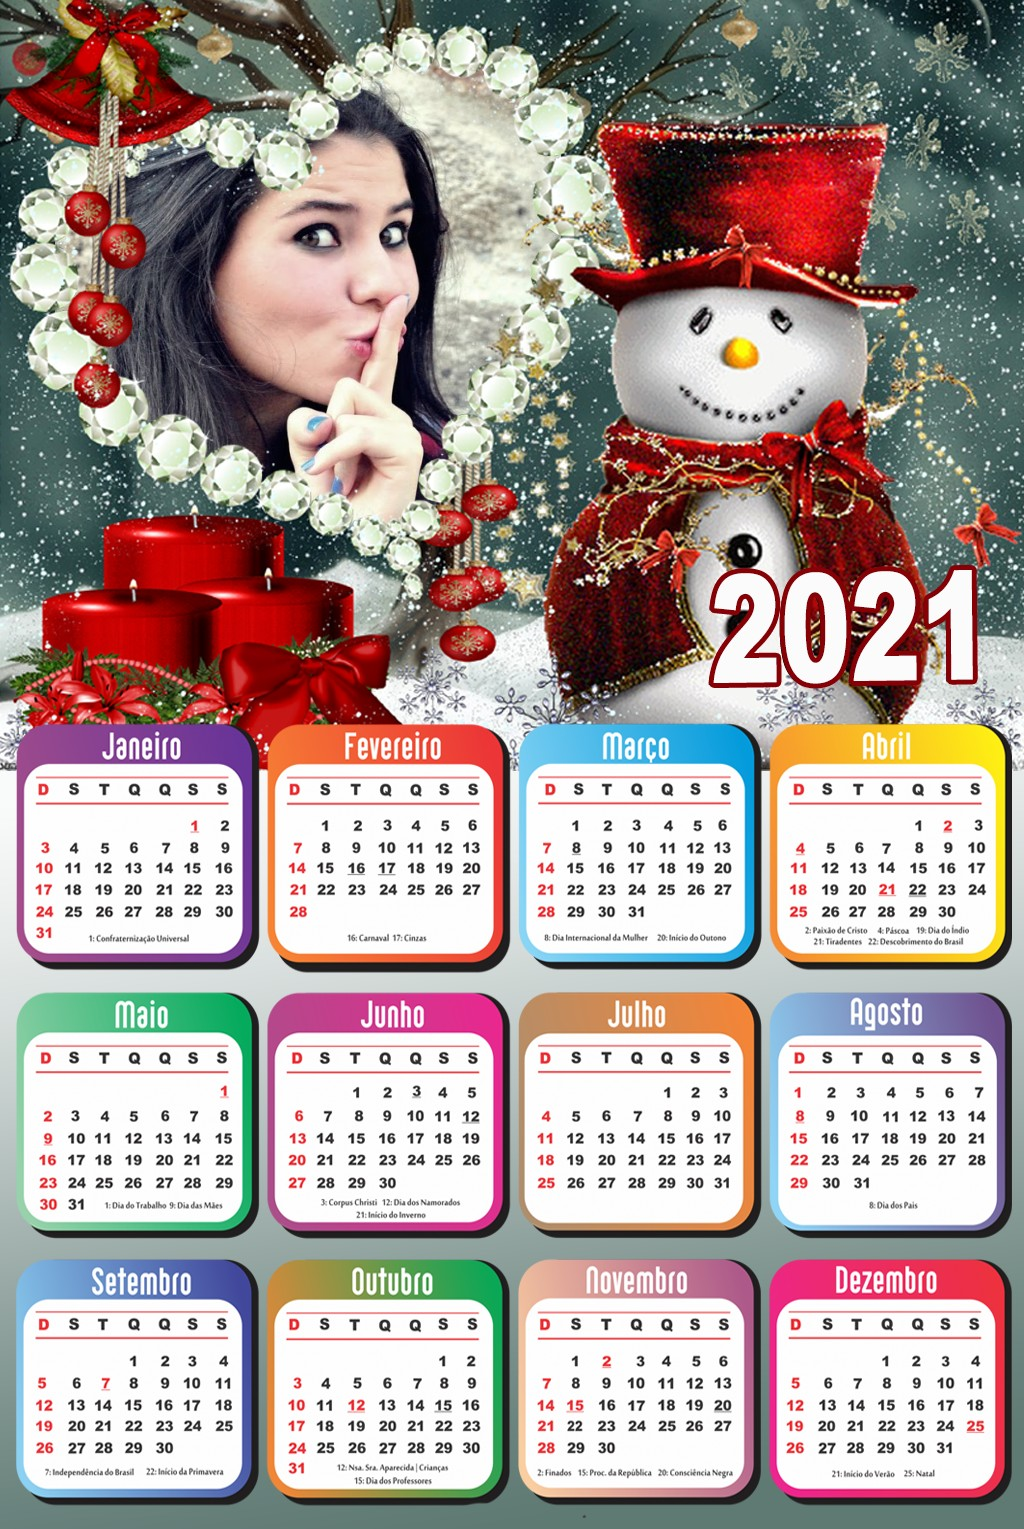 fotomontagem-boneco-de-neve-2021